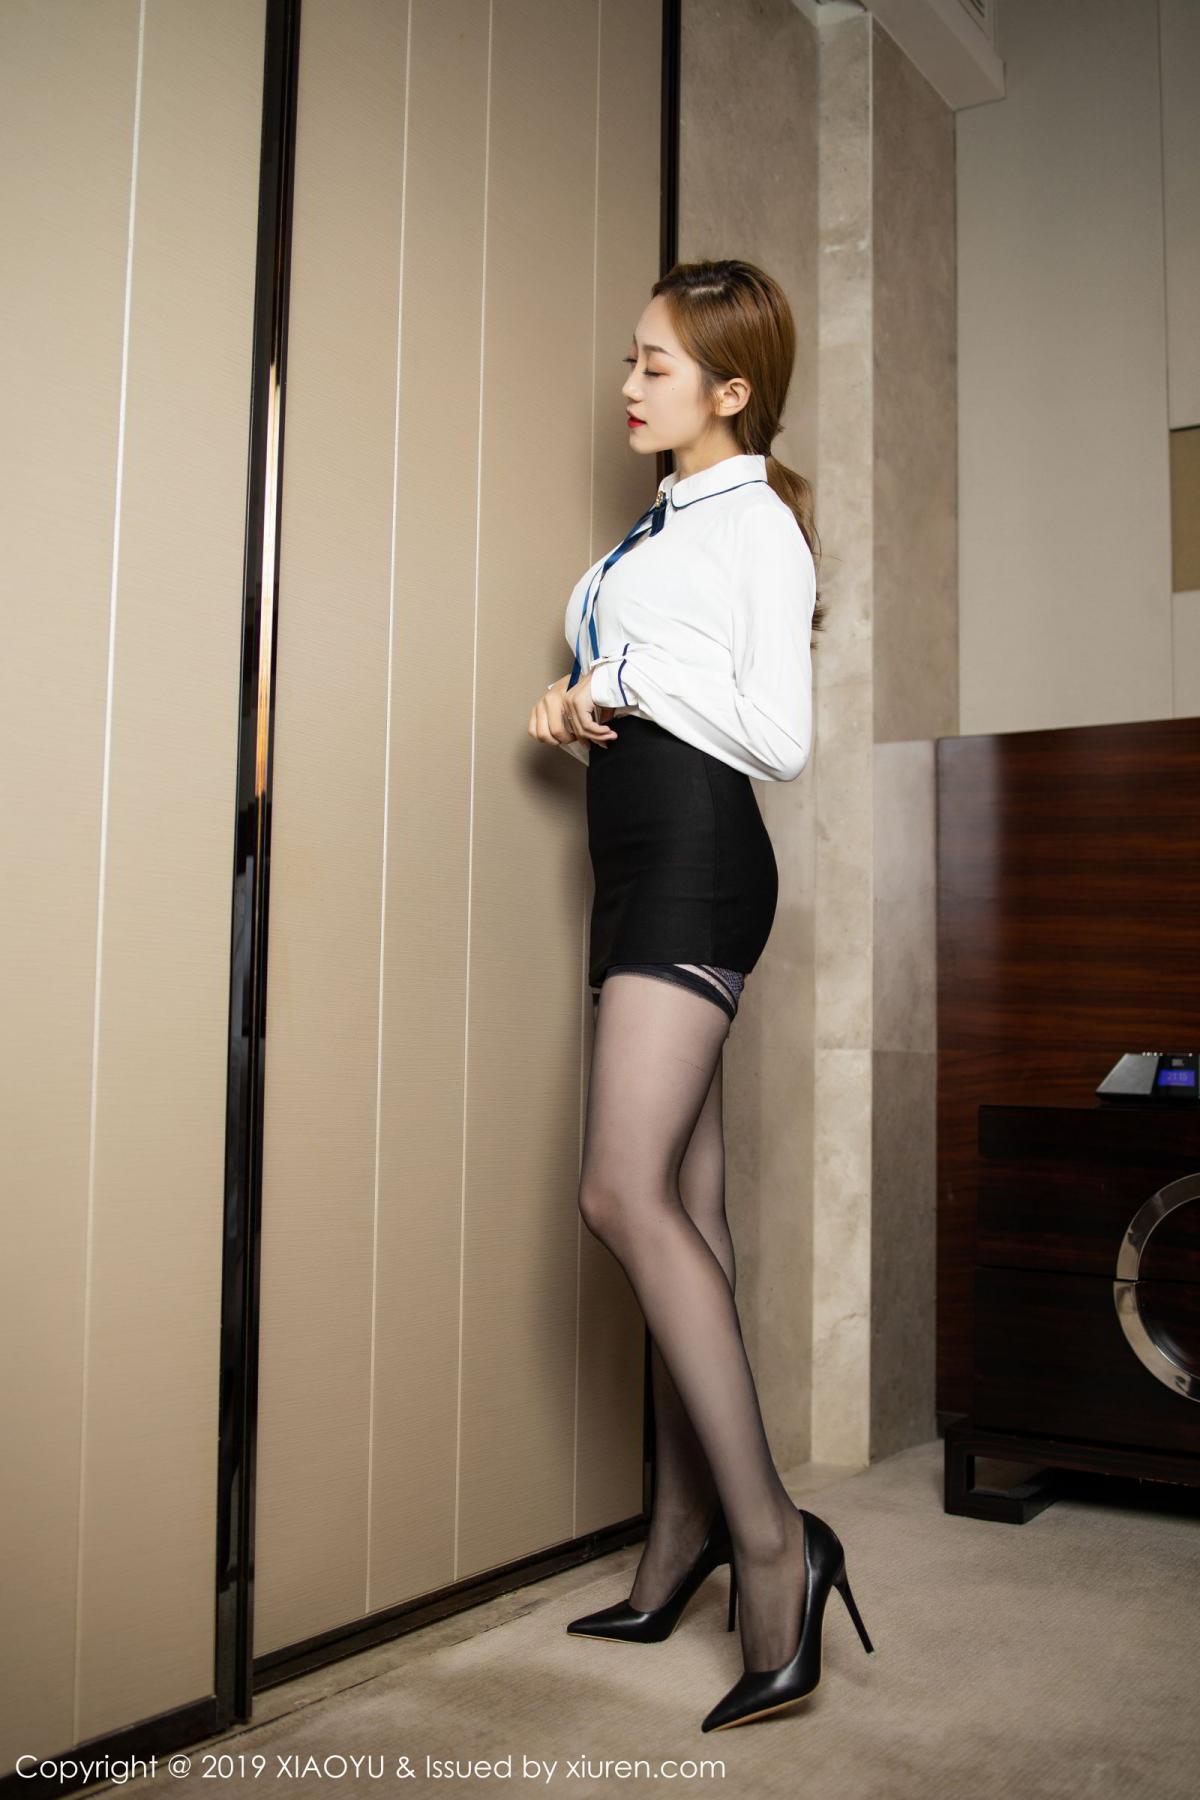 [XiaoYu] Vol.181 Yuner Claire 3P, Black Silk, Underwear, XiaoYu, Yuner Claire